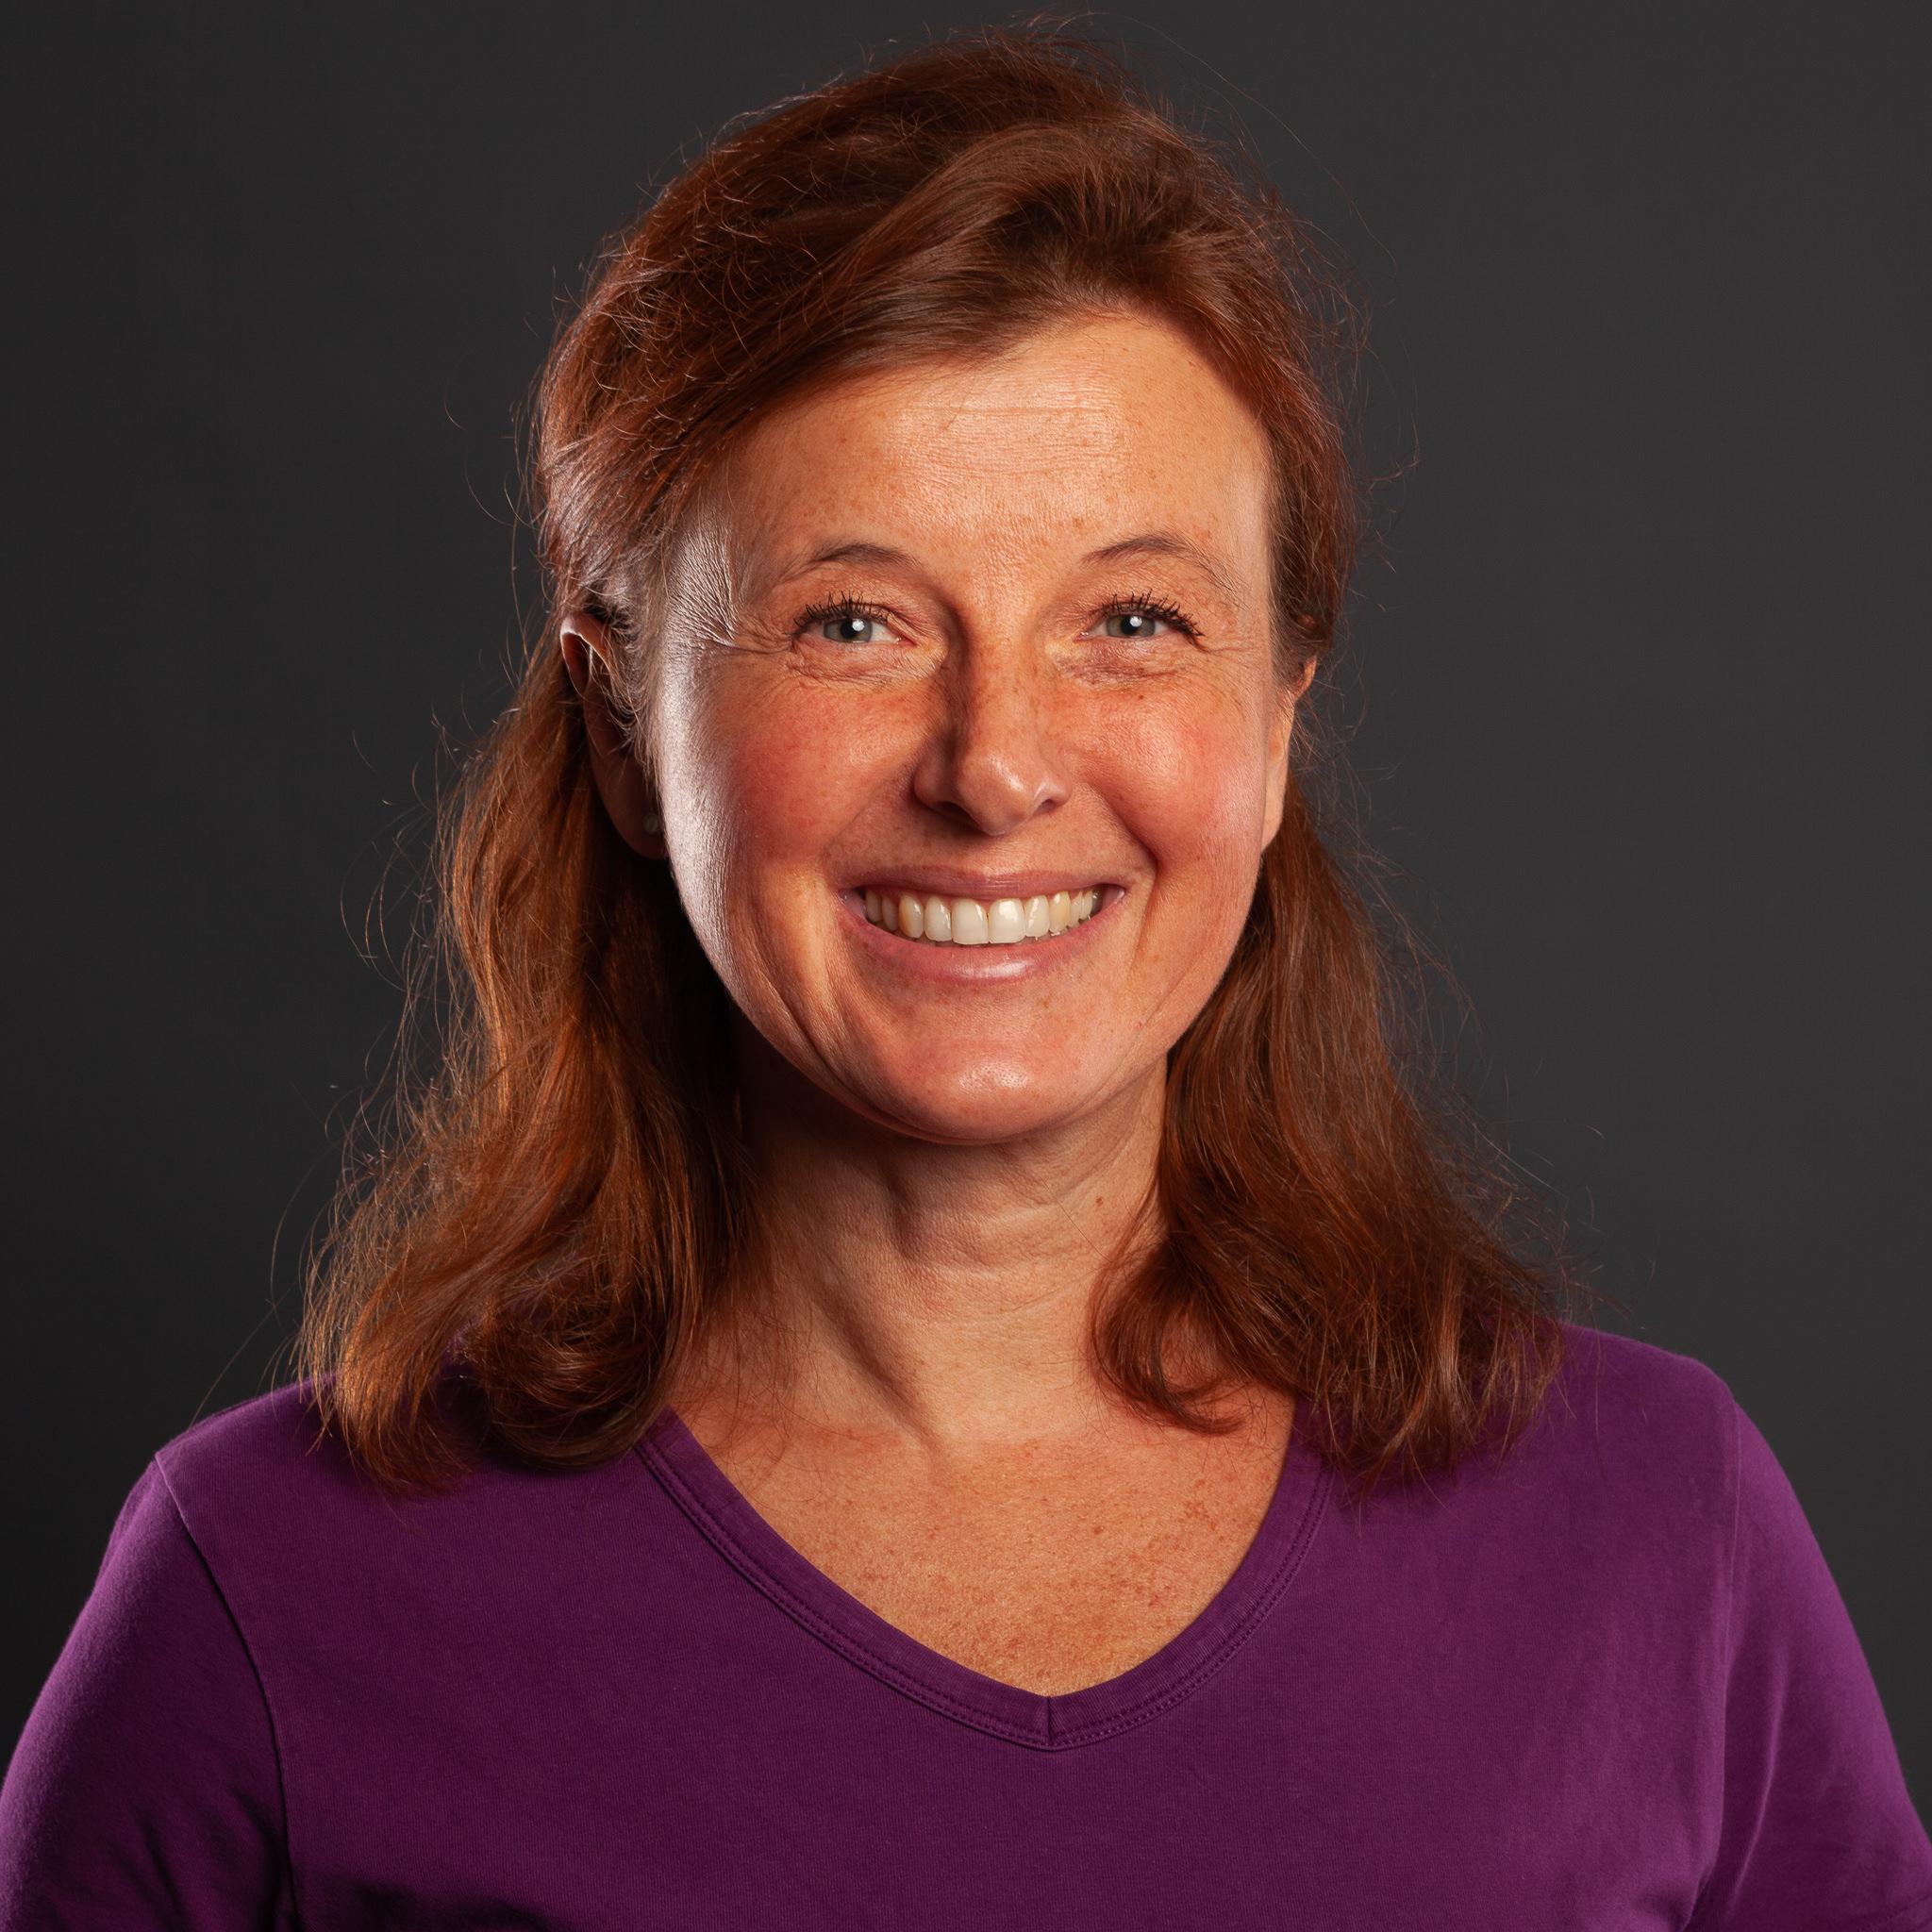 Helga Löhlein